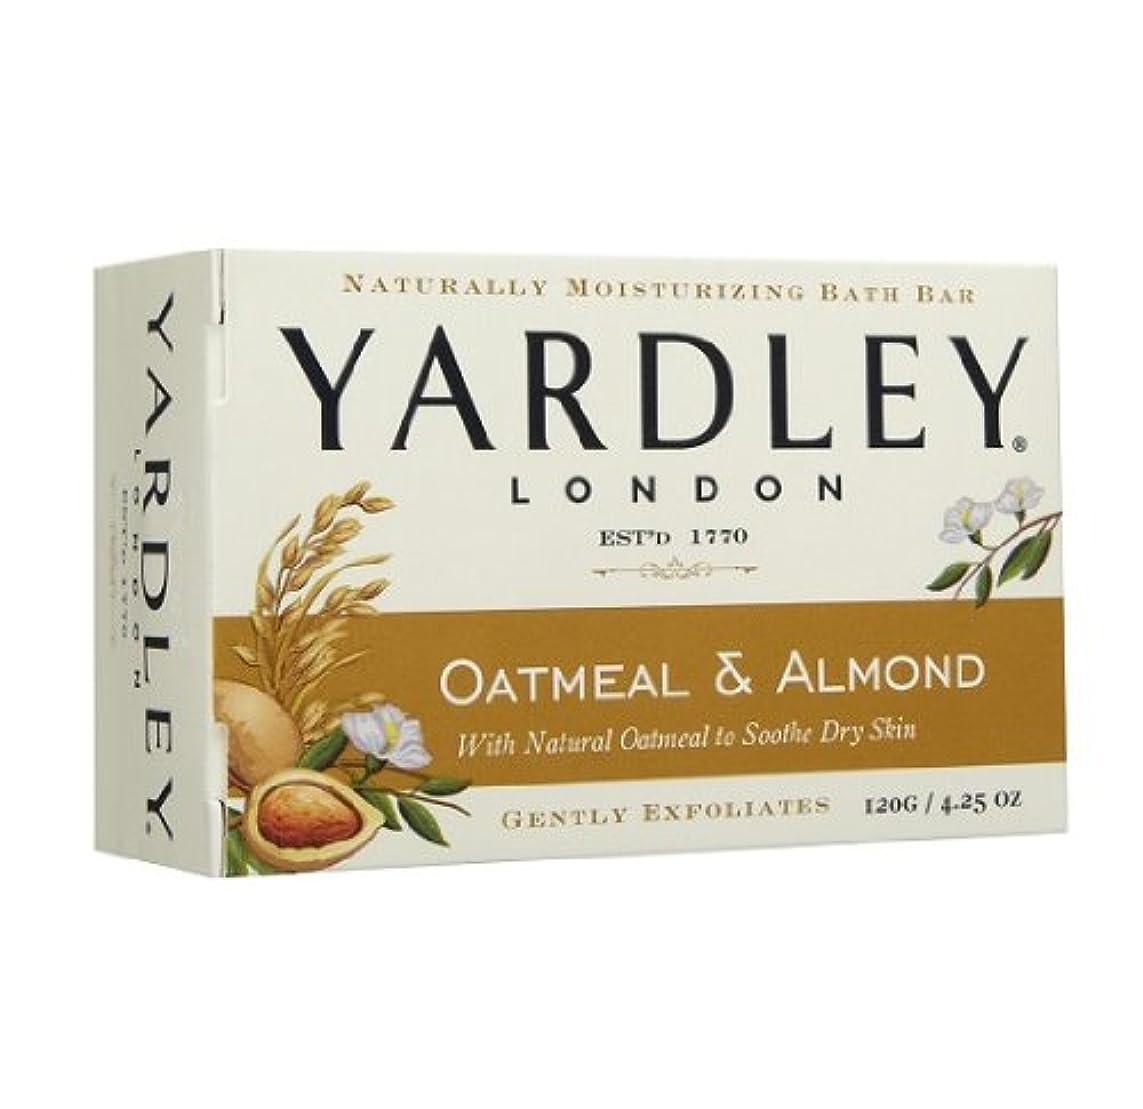 冷蔵庫なくなる荒廃する【2個:ハワイ直送品】Yardley London Oatmean & Almond Moisturizing Bath Bar ヤードリー オートミール&アーモンド ソープ 120g